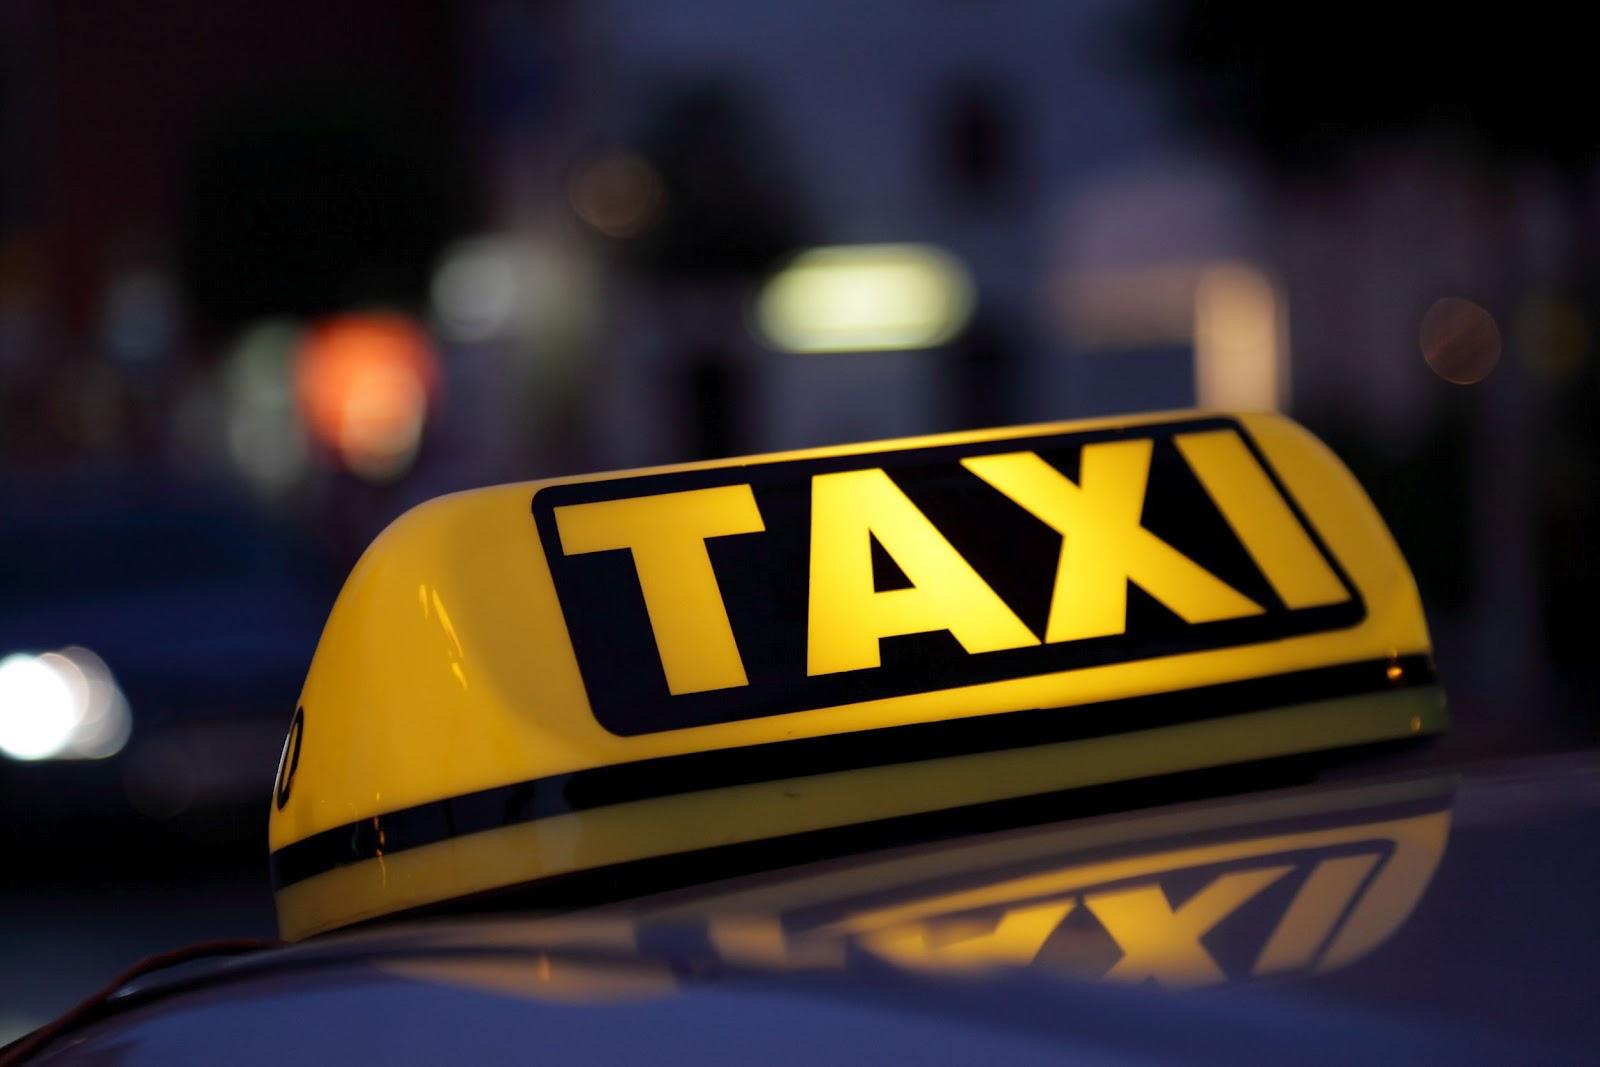 Bakı taksilərində vahid tariflər tətbiq olunacaq